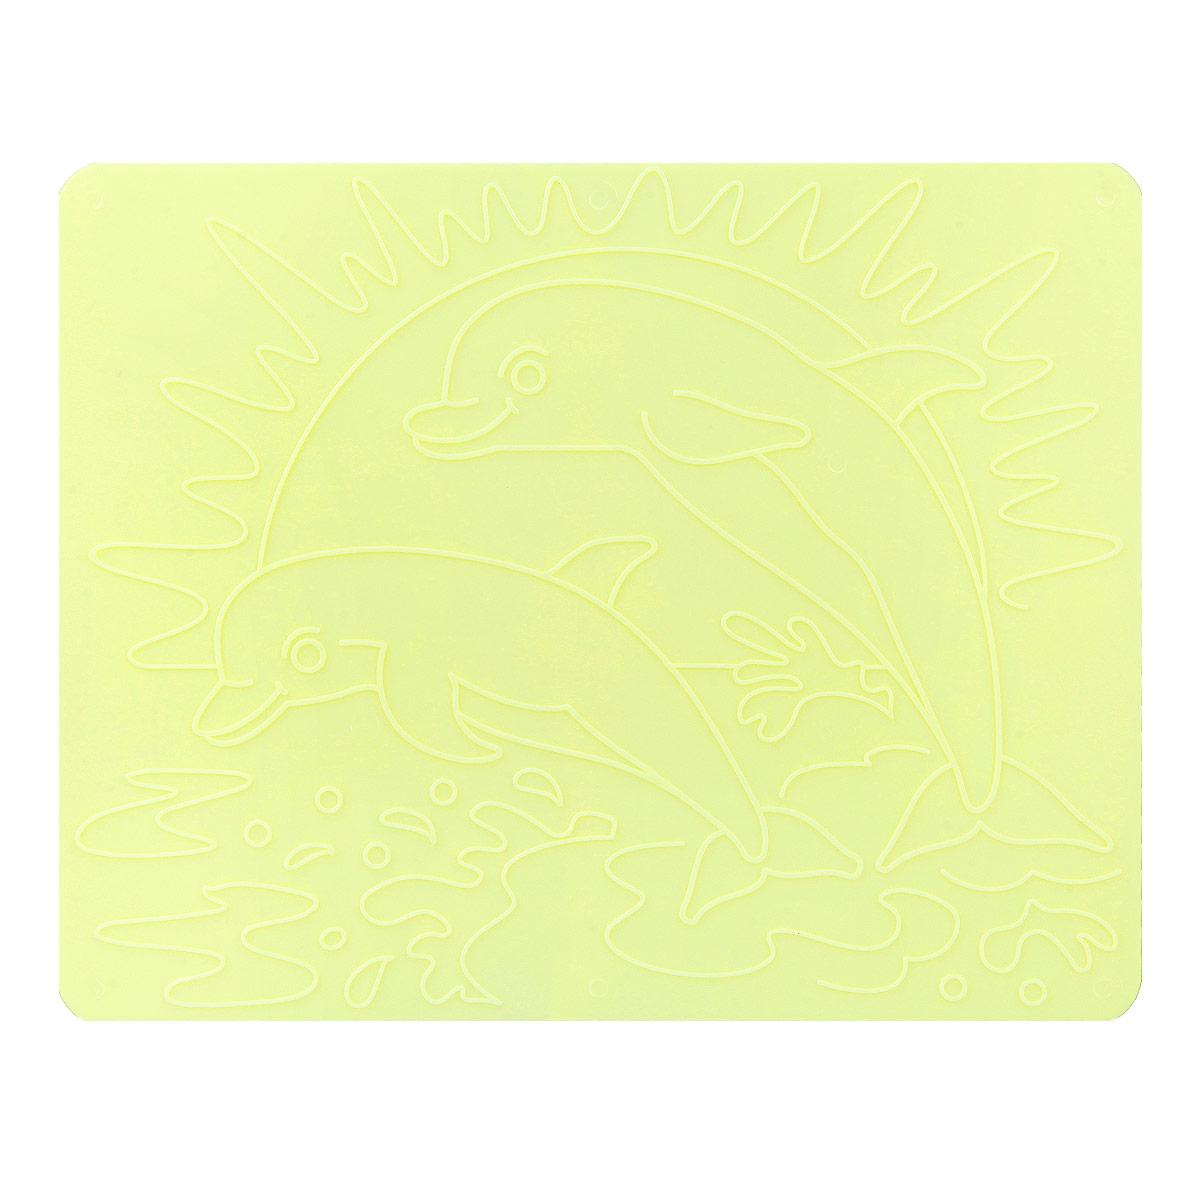 Трафареты рельефные Луч Дельфины18С 1178-08Трафареты рельефные Луч серии Дельфины, выполненные из безопасного пластика, предназначены для детского творчества. Трафареты не имеют традиционных прорезей - рисунок выступает над плоской поверхностью. Чтобы получить рисунок на бумаге, трафарет кладется под лист, а сверху бумага штрихуется с помощью восковых карандашей. Метод штриховки особенно полезен при подготовке ребенка к школе, развивается мелкая моторика, зрительное восприятие, аккуратность, и вместе с тем, ребенок с увлечением учится рисовать. Также трафарет предназначен для развития зрительно-двигательной координации и навыков художественной композиции. В упаковке один двусторонний трафарет с изображением дельфинов. Трафареты предназначены для работы с восковыми карандашами.